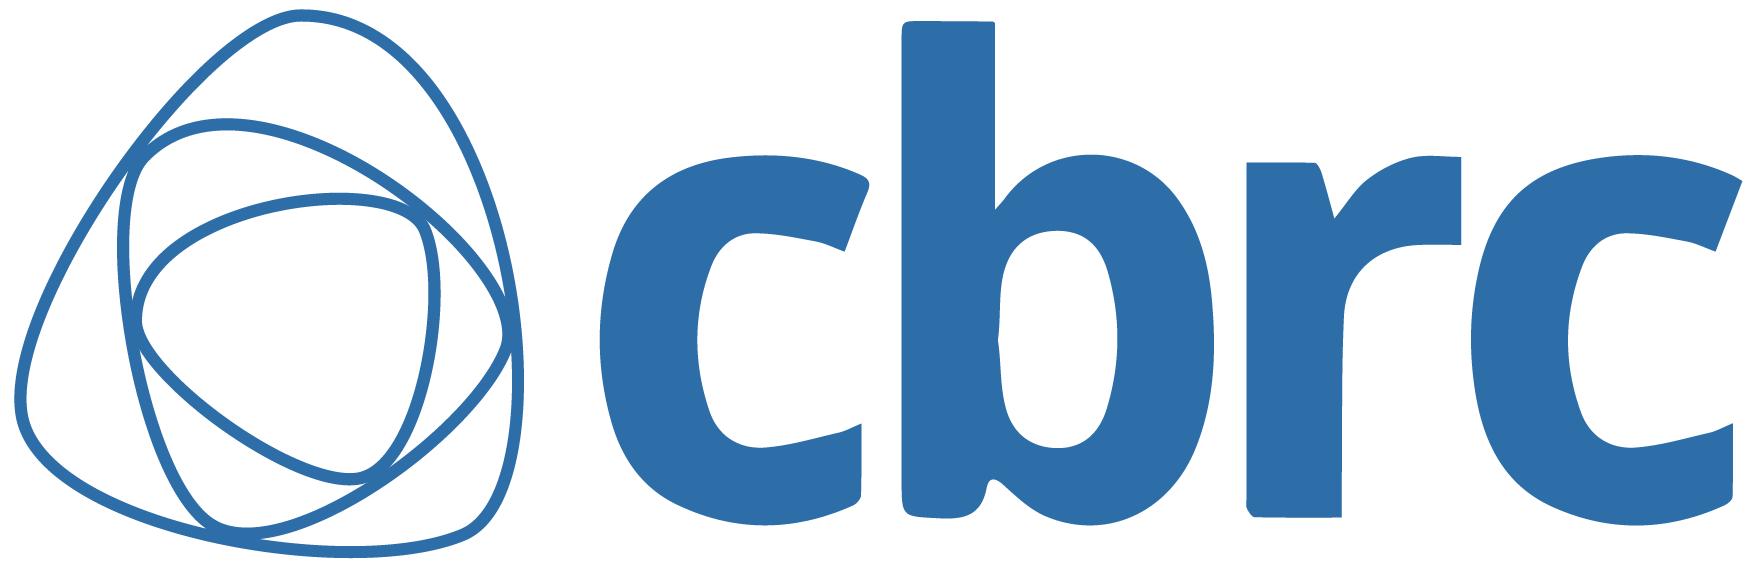 Logo_blue_logo_full.png